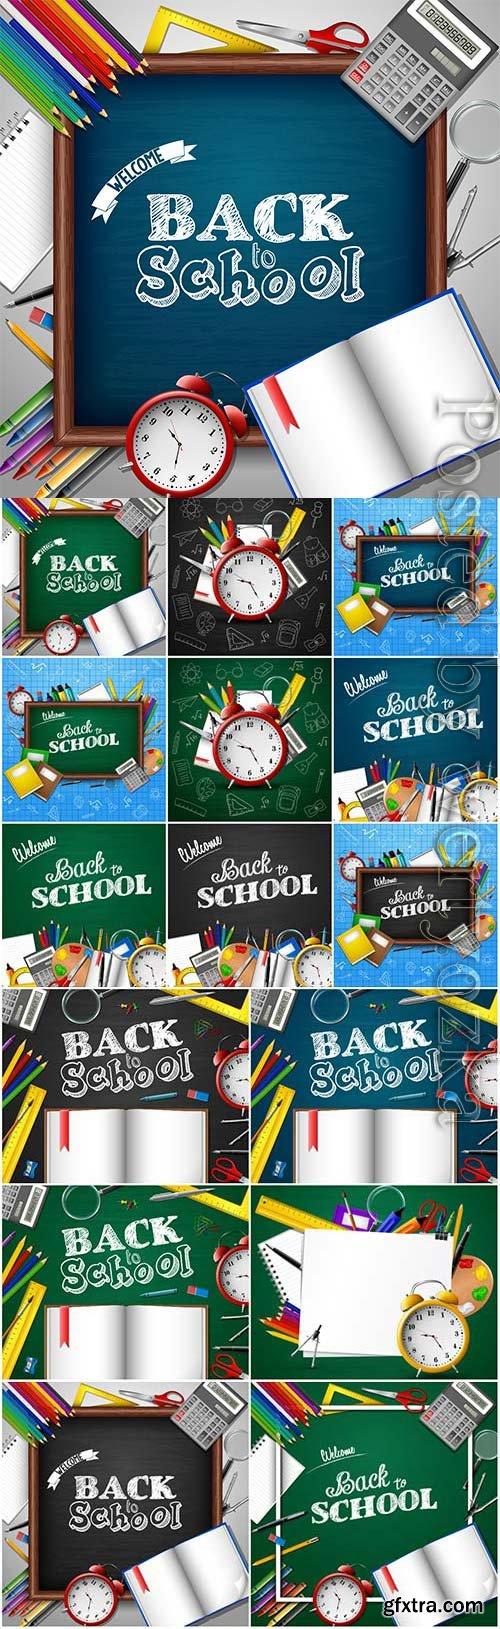 Back to school, school elementsin vector